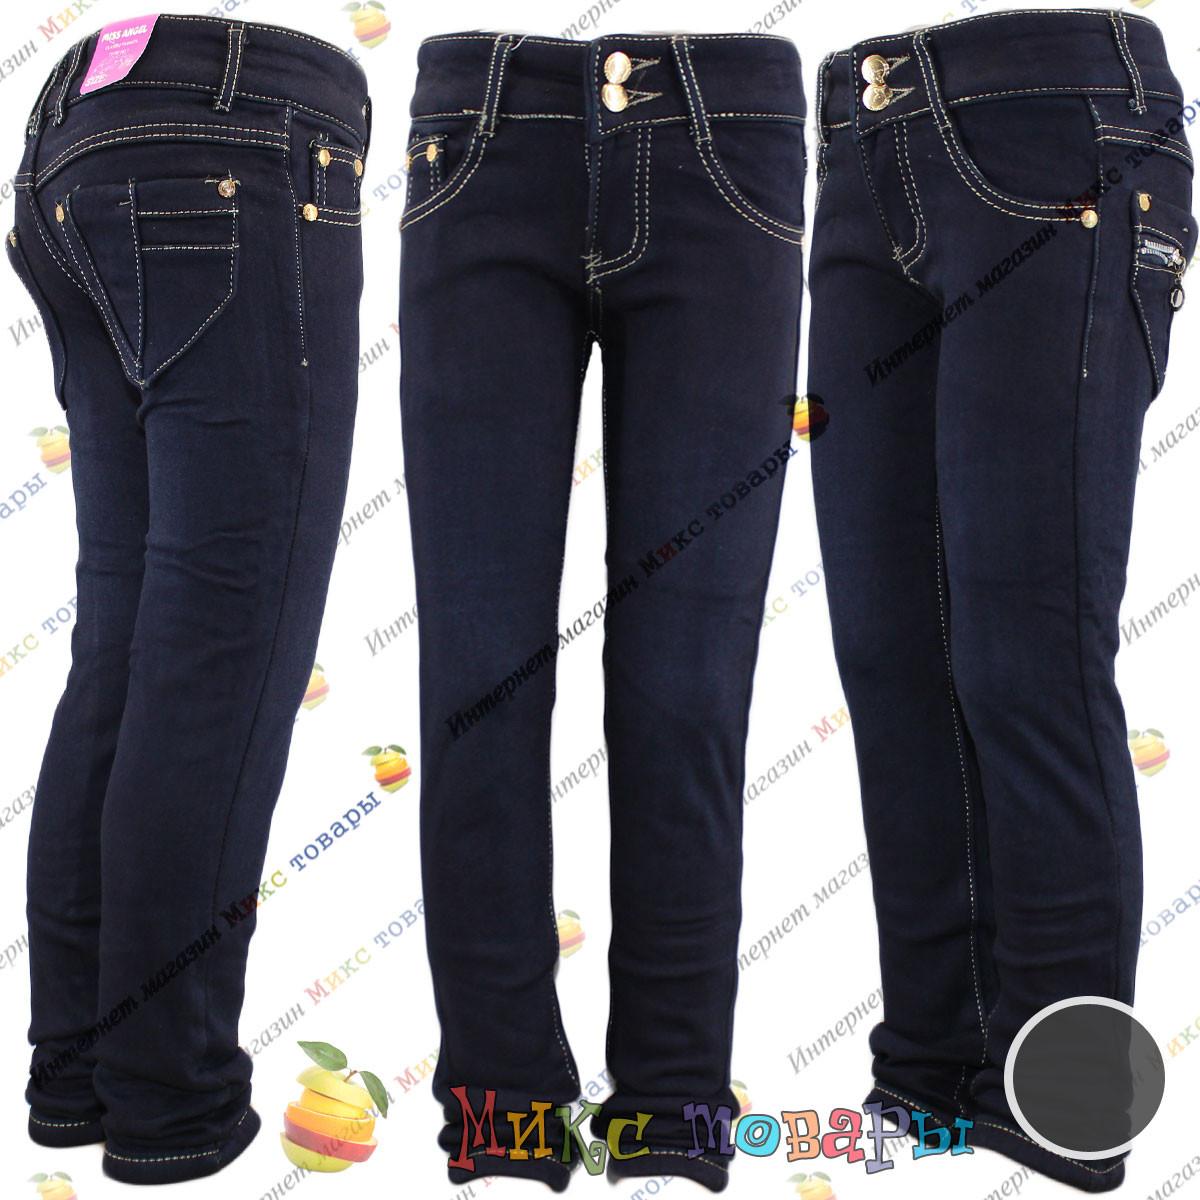 Синие классические джинсы с флисом для девочек от 6 до 11 лет (vn3716)